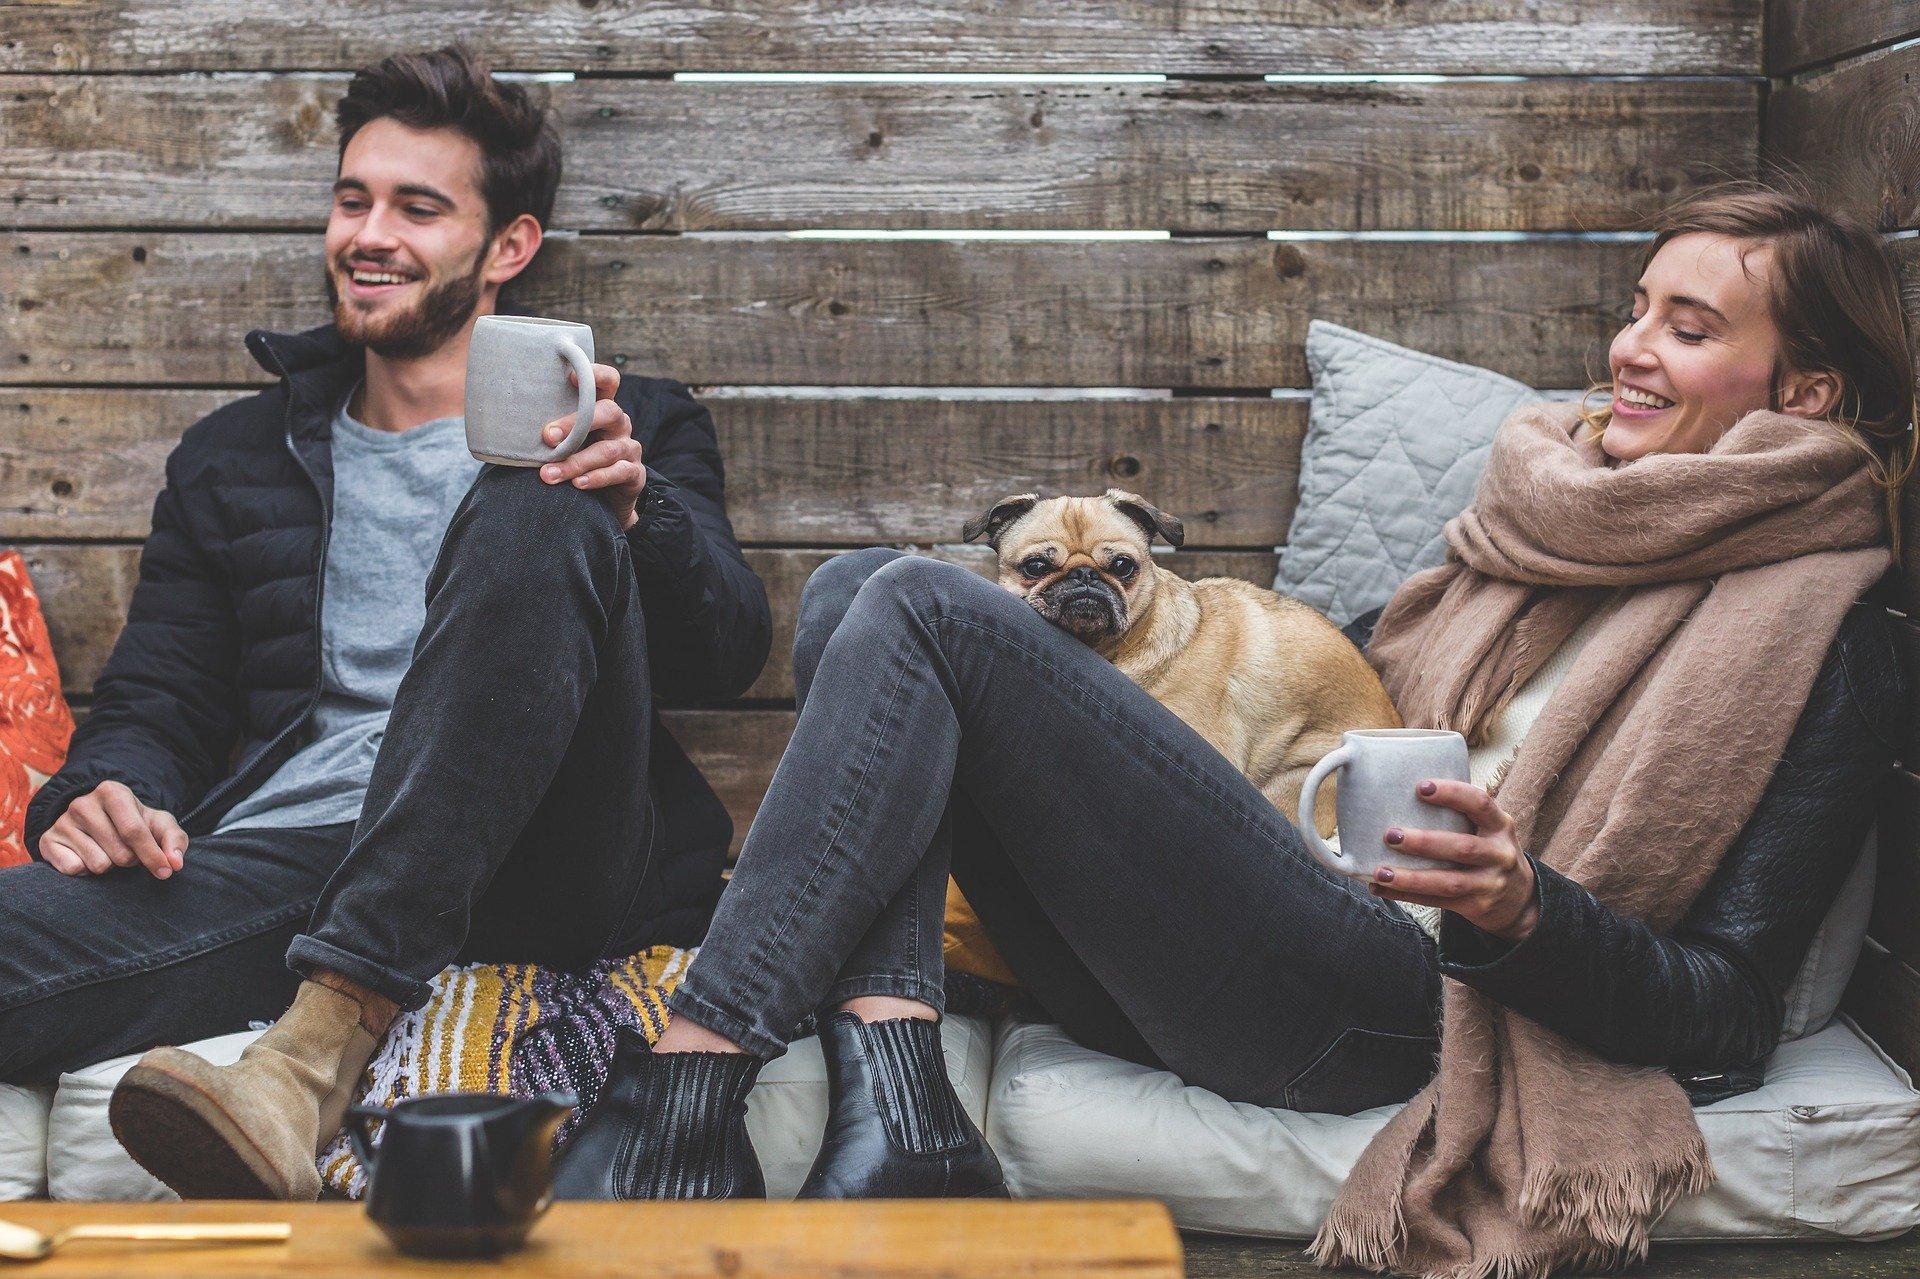 Mann, Frau und Hund relaxen im Freien